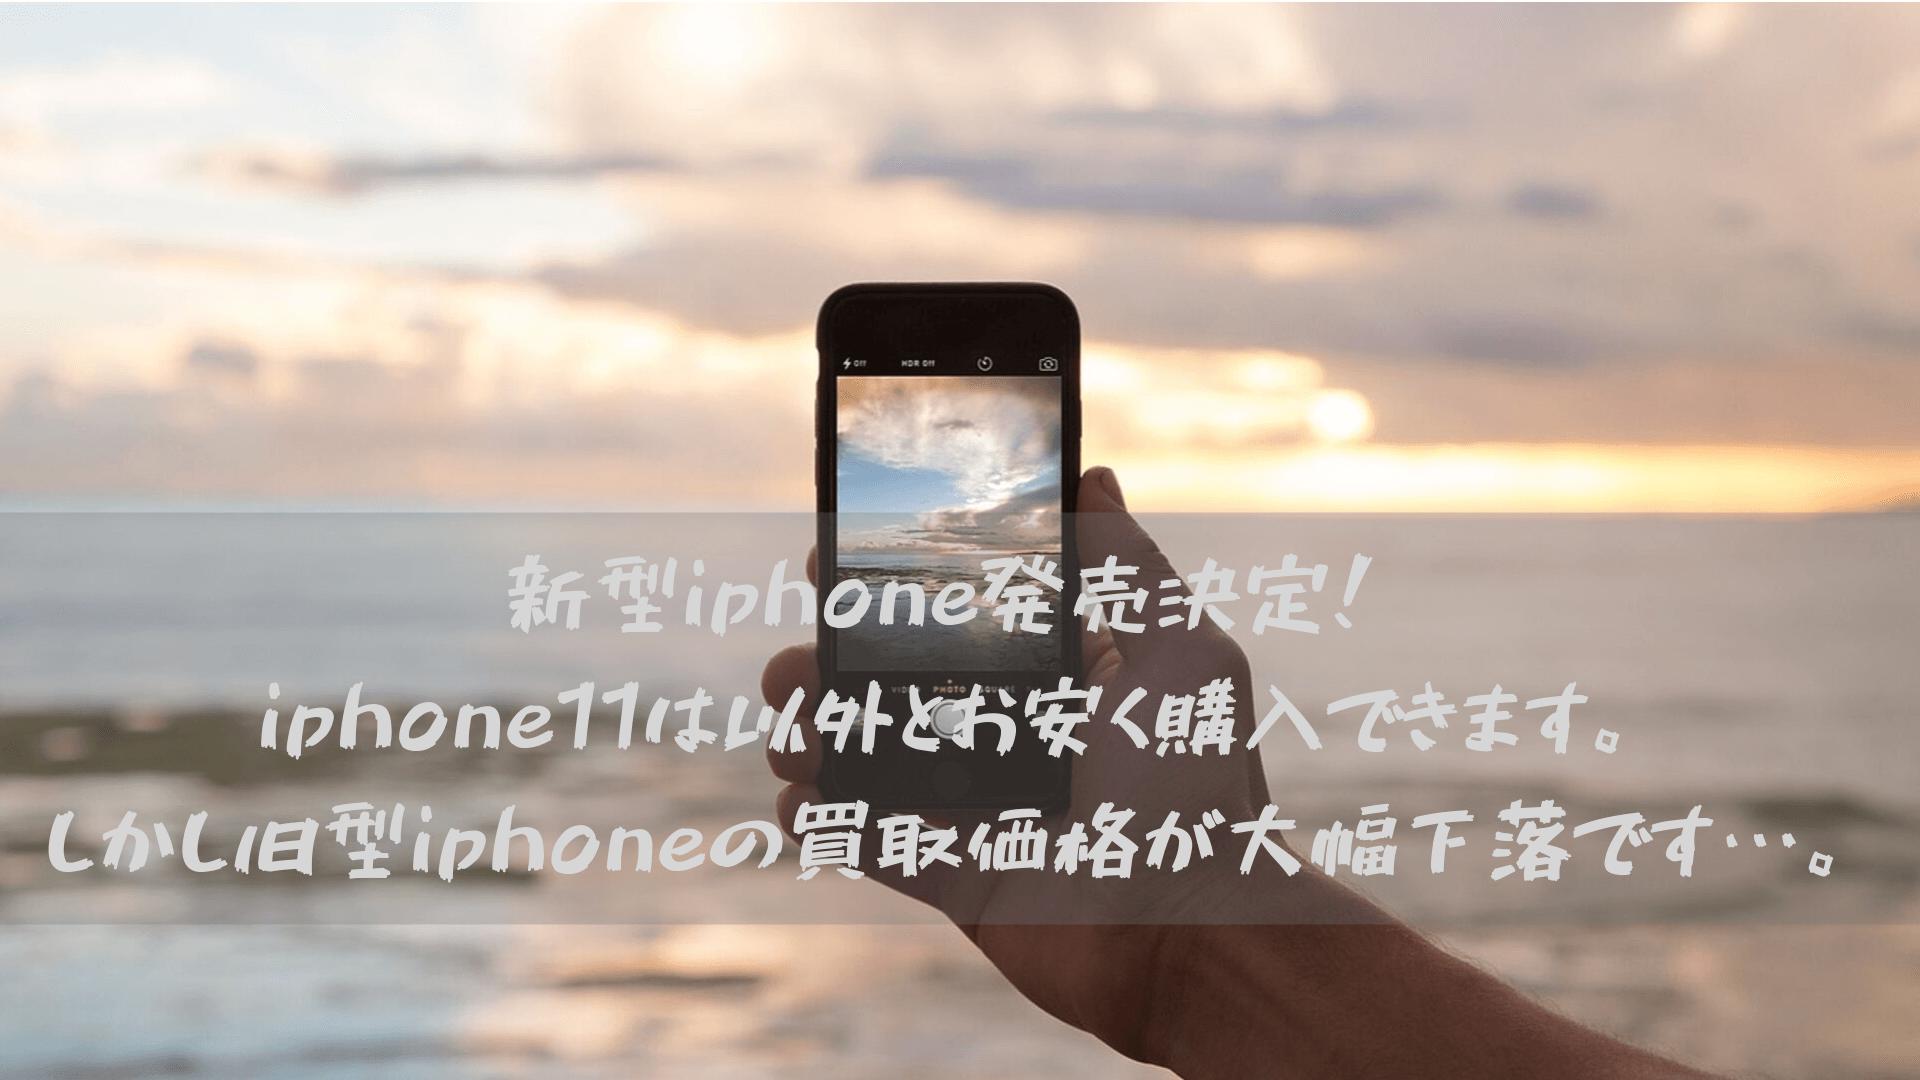 新型iphone発売決定!iphone11は以外とお安く購入できます。しかし旧型iphoneの買取価格が大幅下落です…。